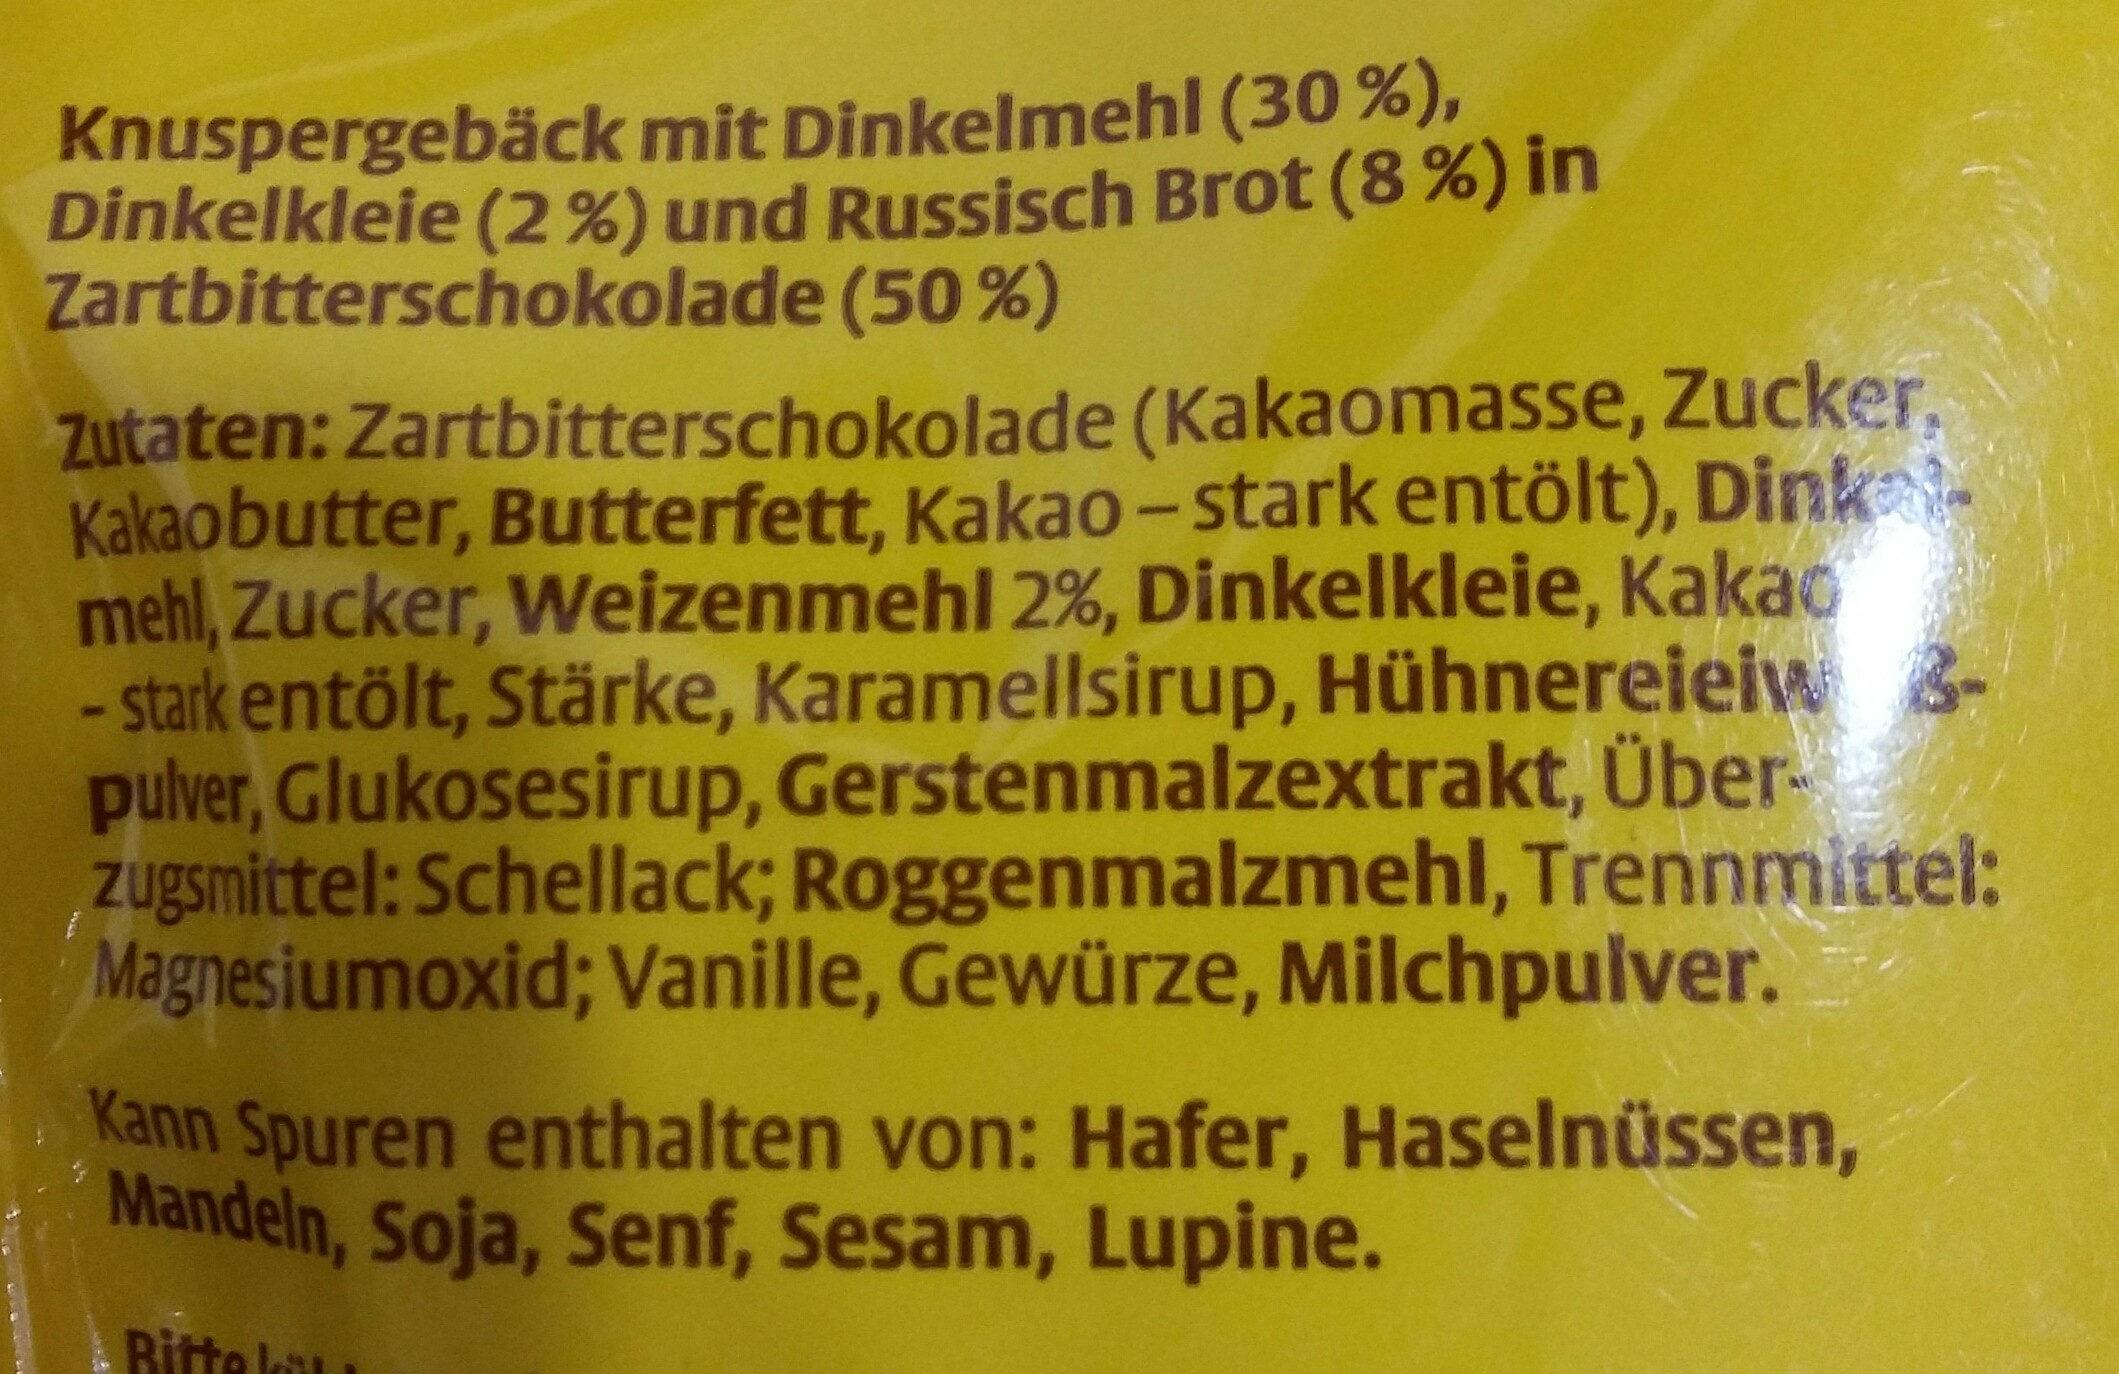 Dr. Quendt Original Dinkelchen - Zartbitterschokolade - Ingredients